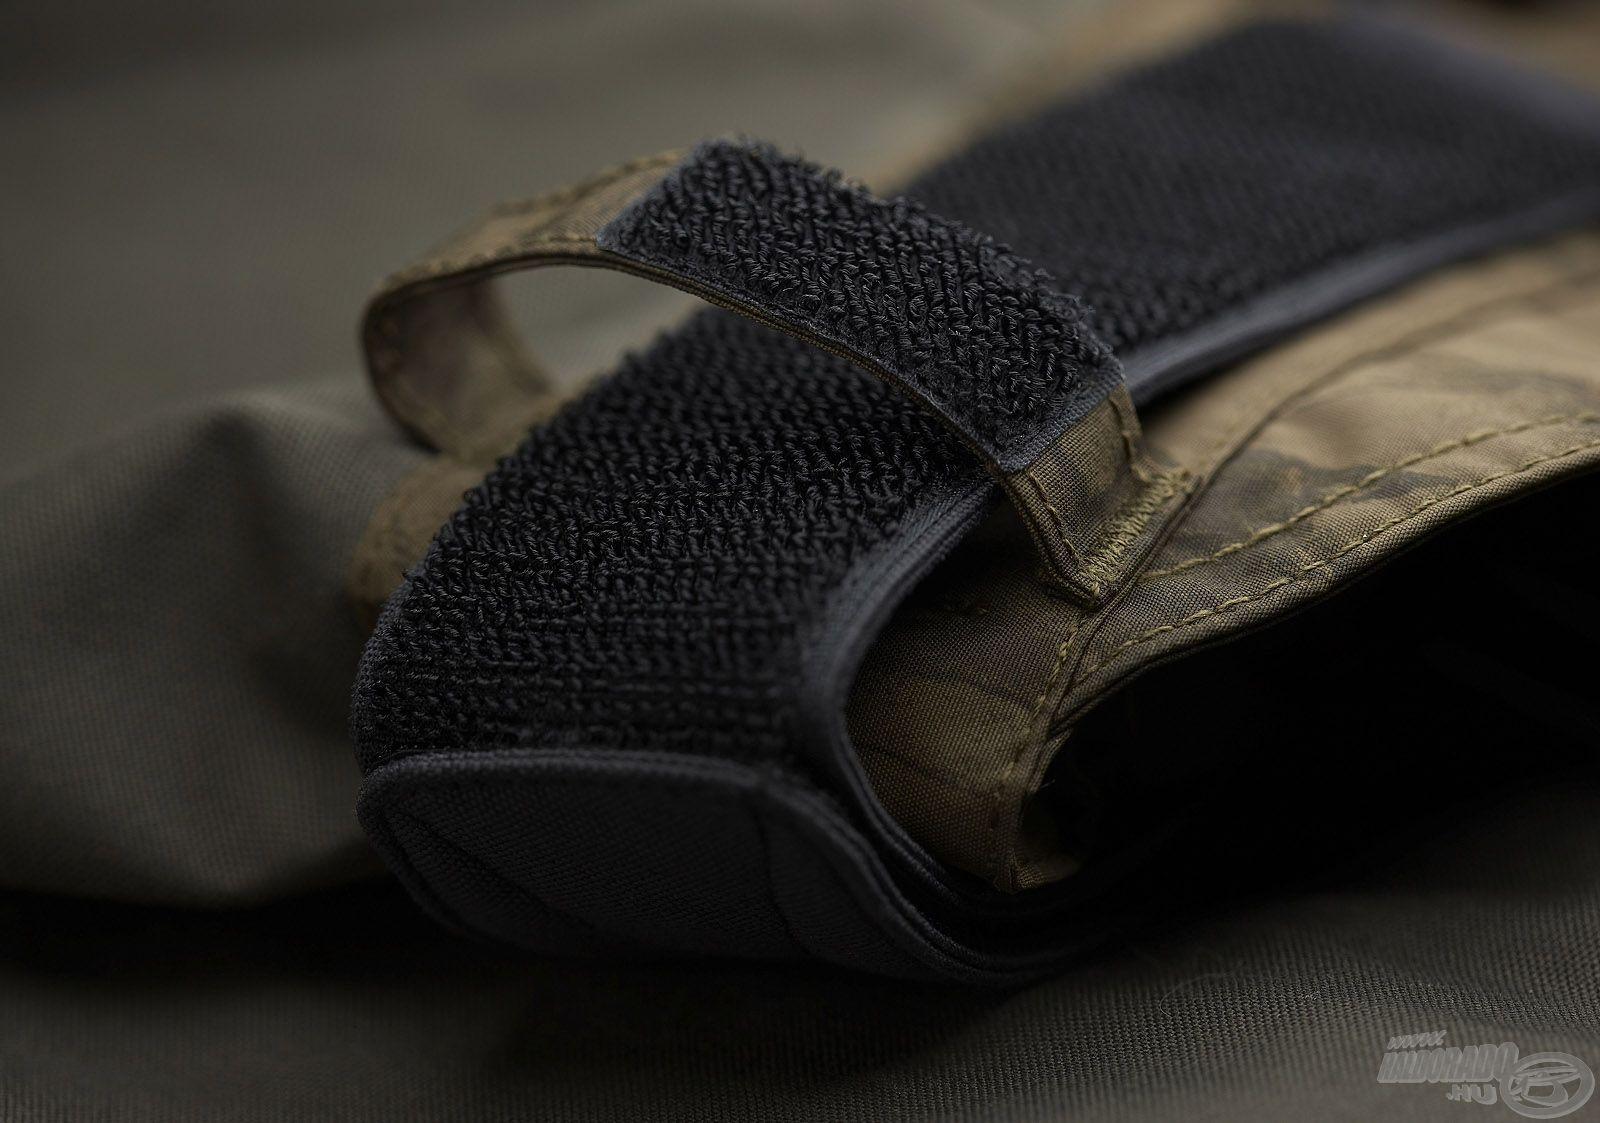 Mindkét oldalán tépőzárral állítható a nadrág bősége